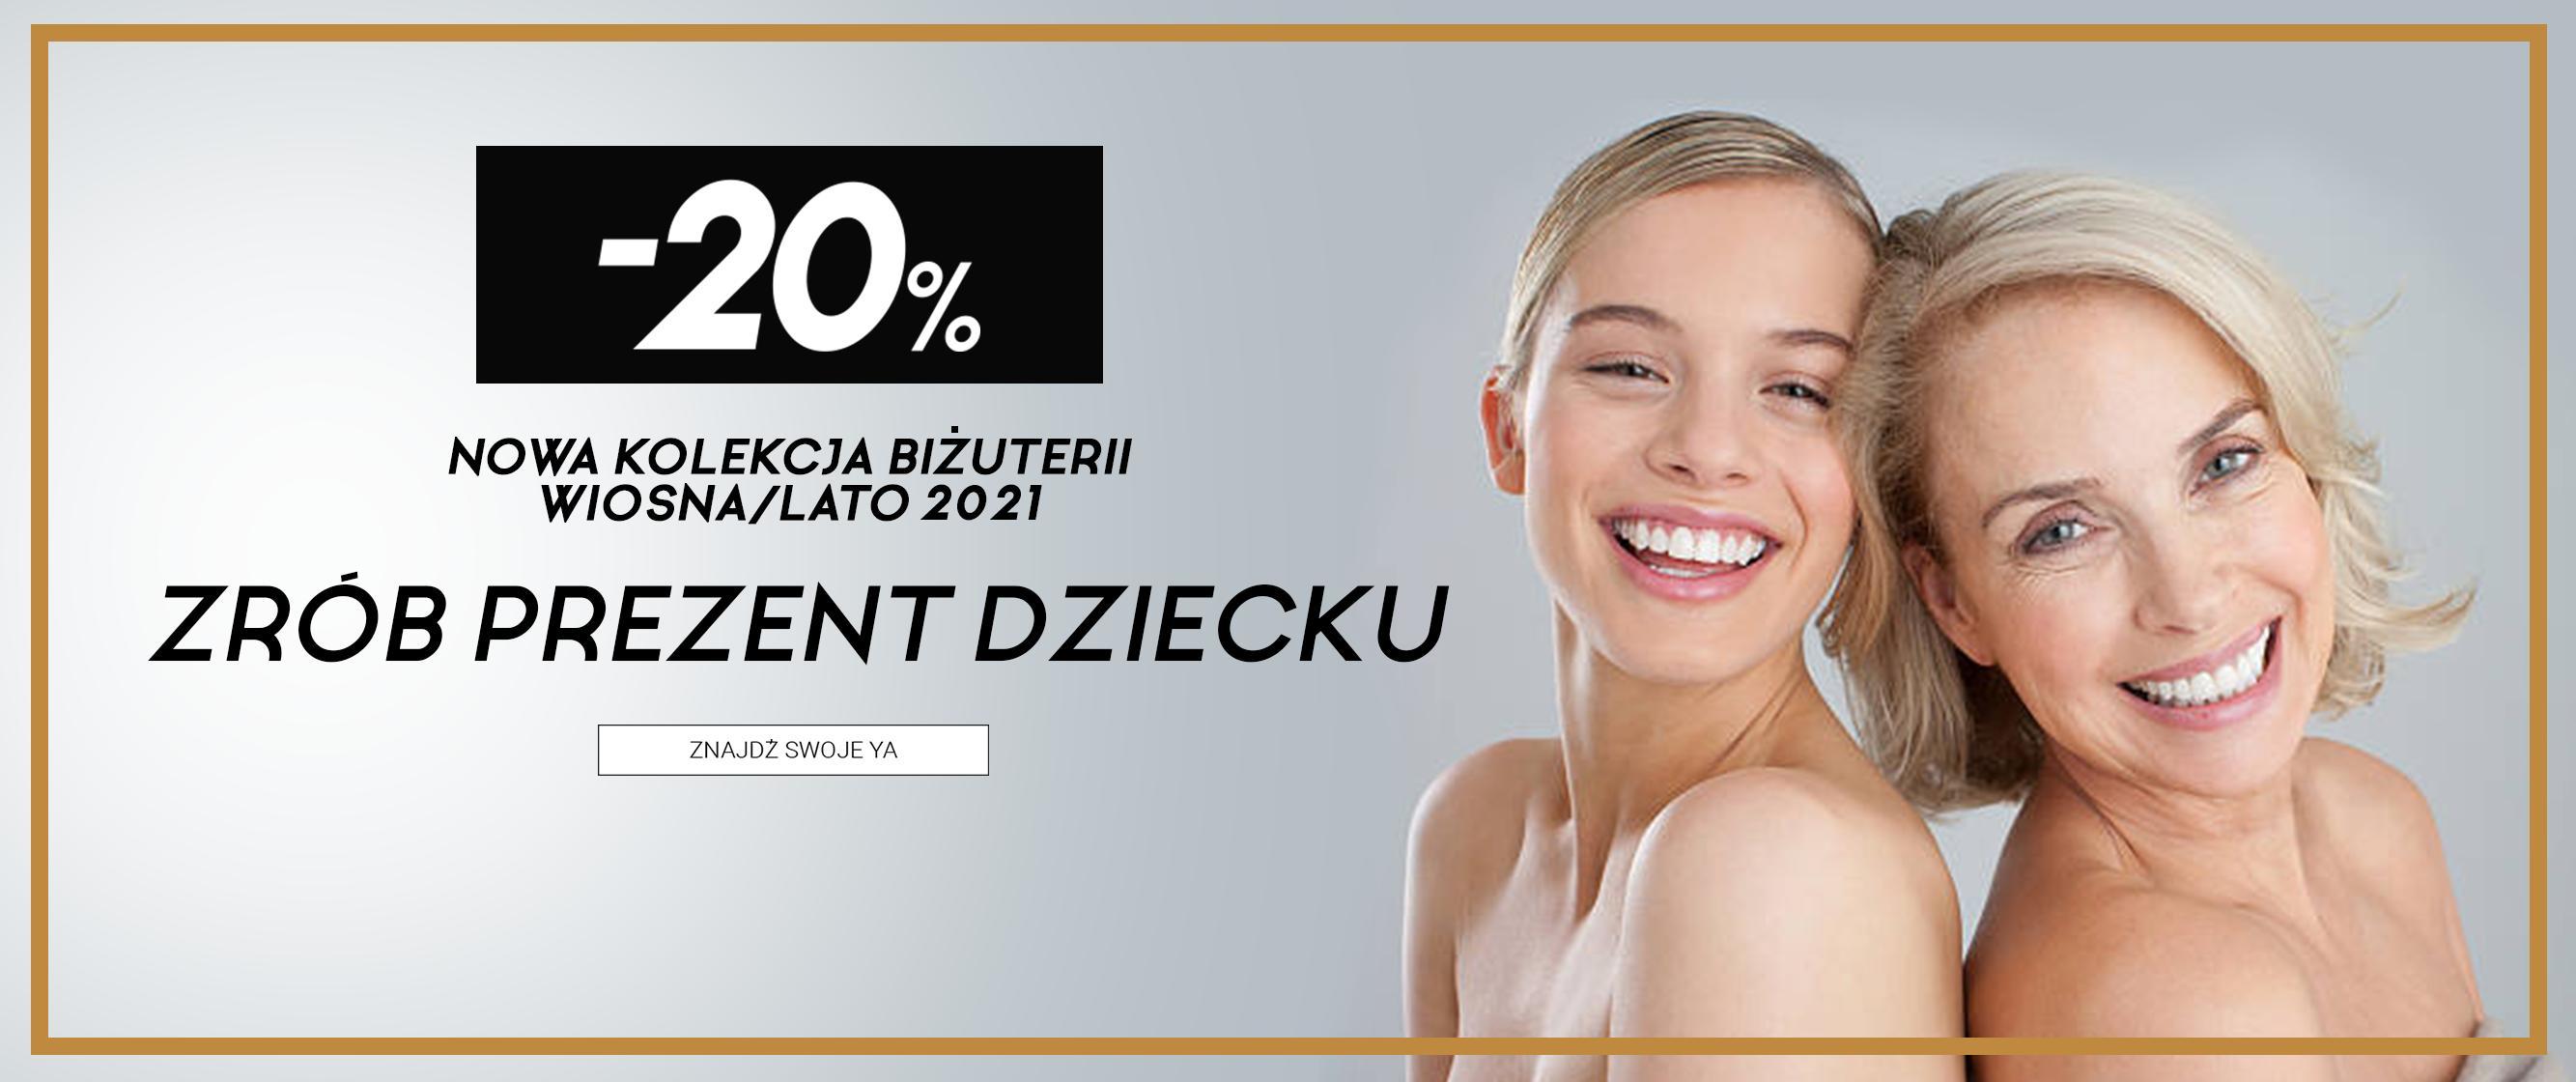 YA Cichopek YA Cichopek: 20% rabatu na nową kolekcję biżuterii z kolekcji Wiosna-Lato 2021